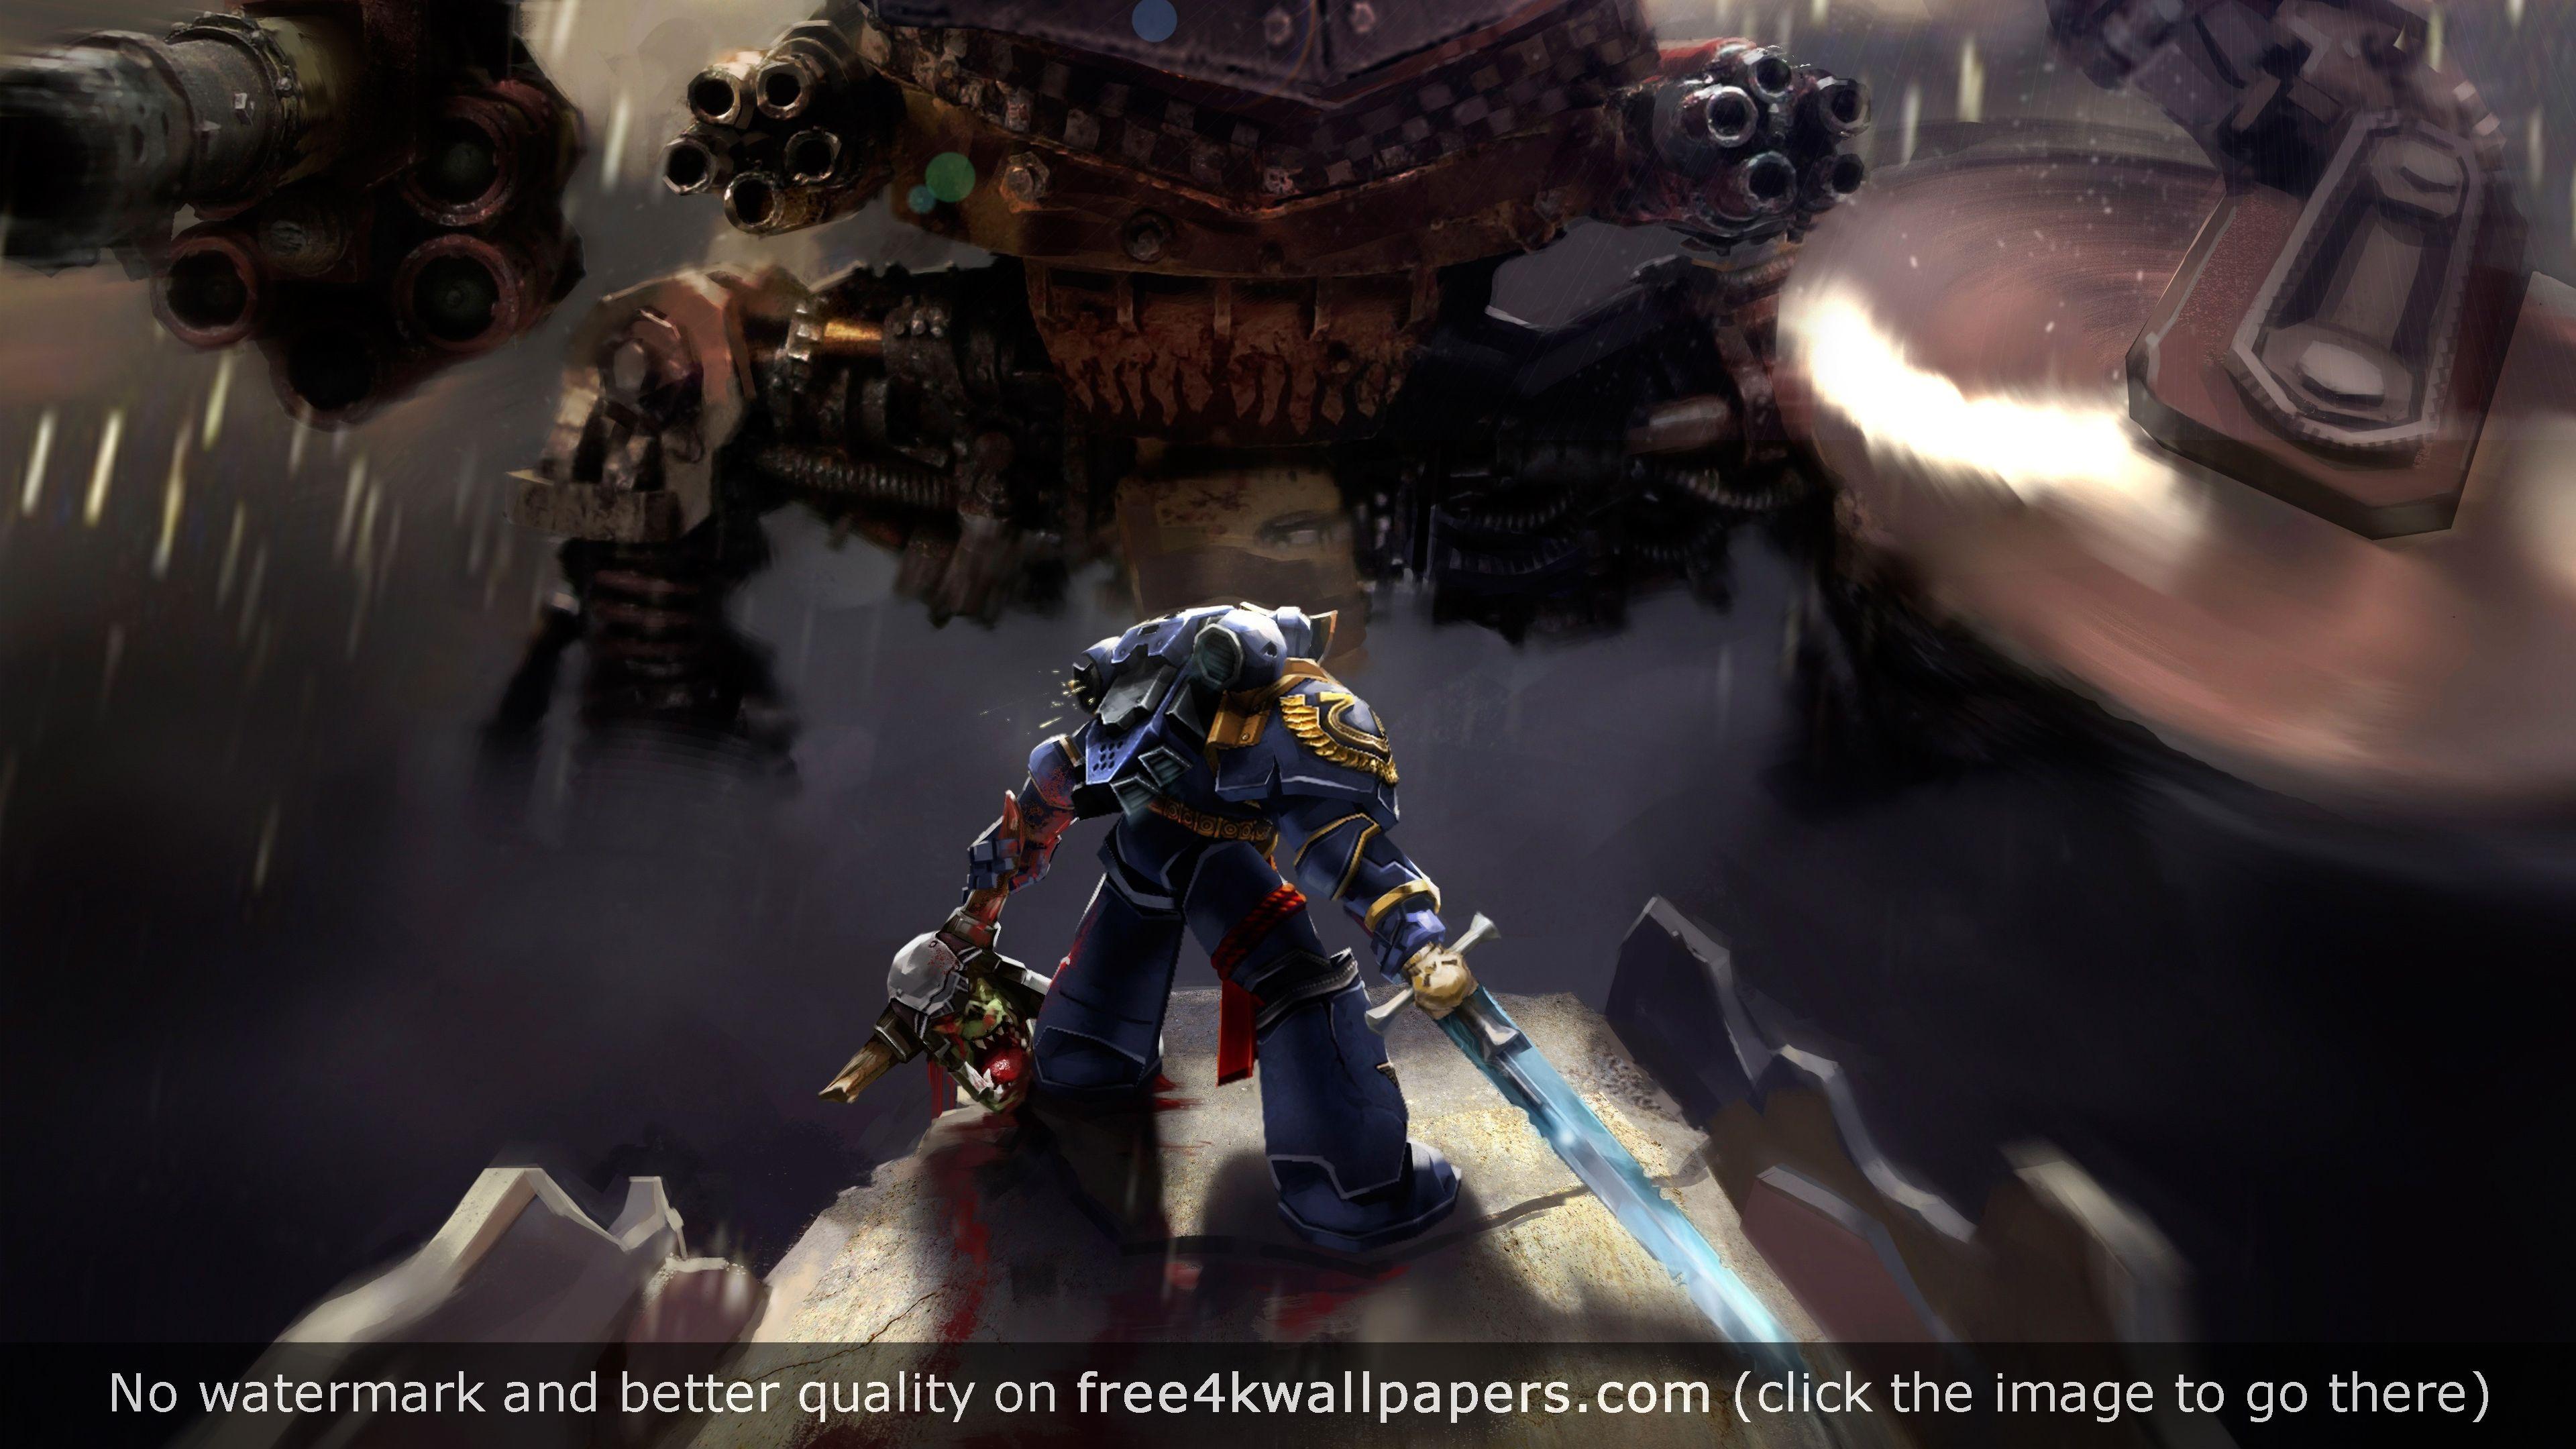 Warhammer Space Marine Ultramarines 4k Wallpaper Space Marine Cool Wallpaper Widescreen Wallpaper